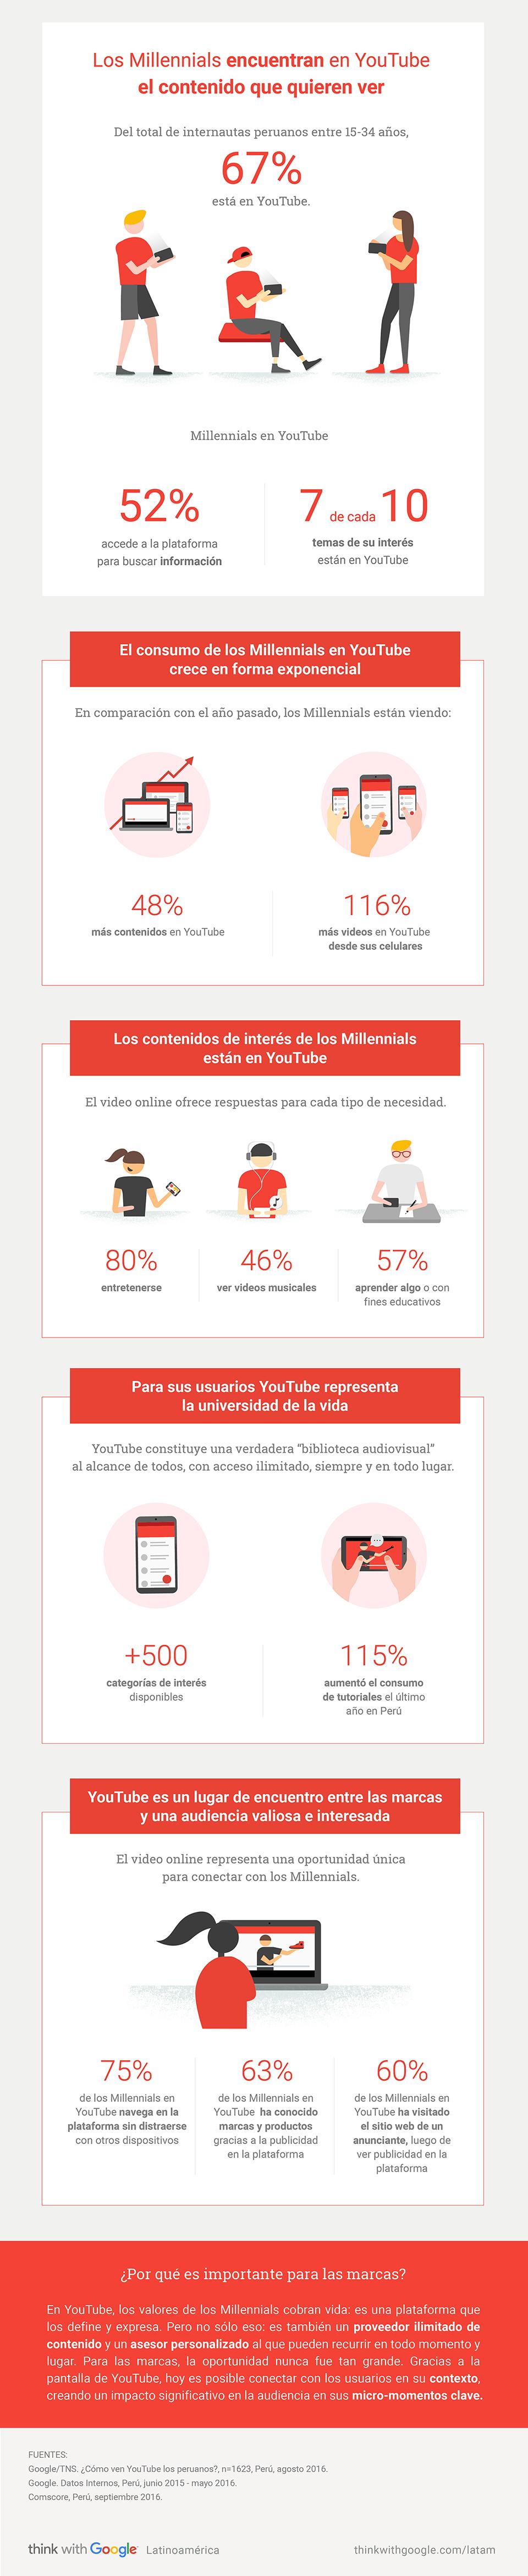 infograf millennial peru